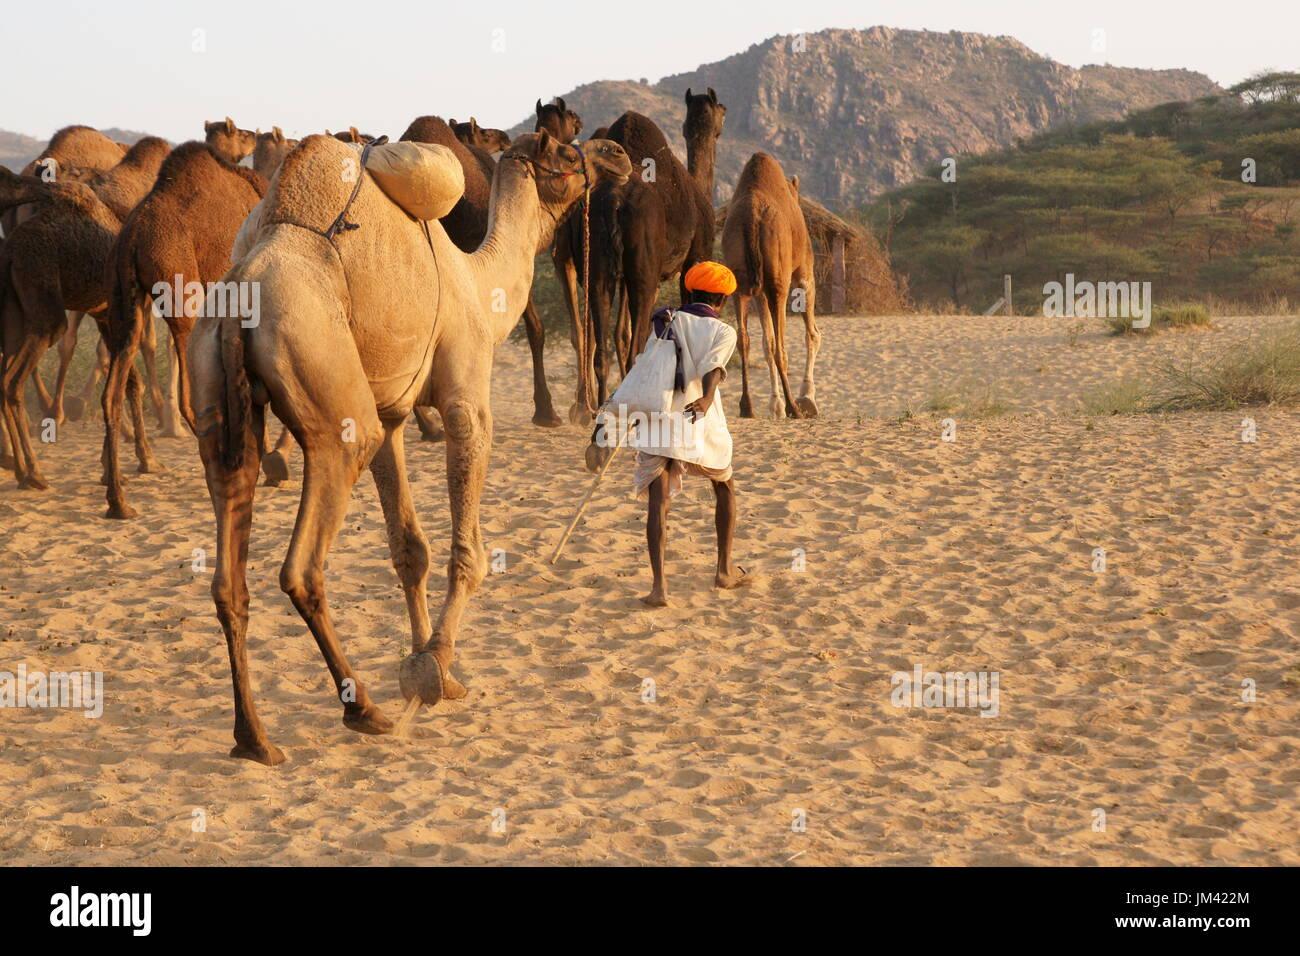 camel fair animal annual stock photos u0026 camel fair animal annual